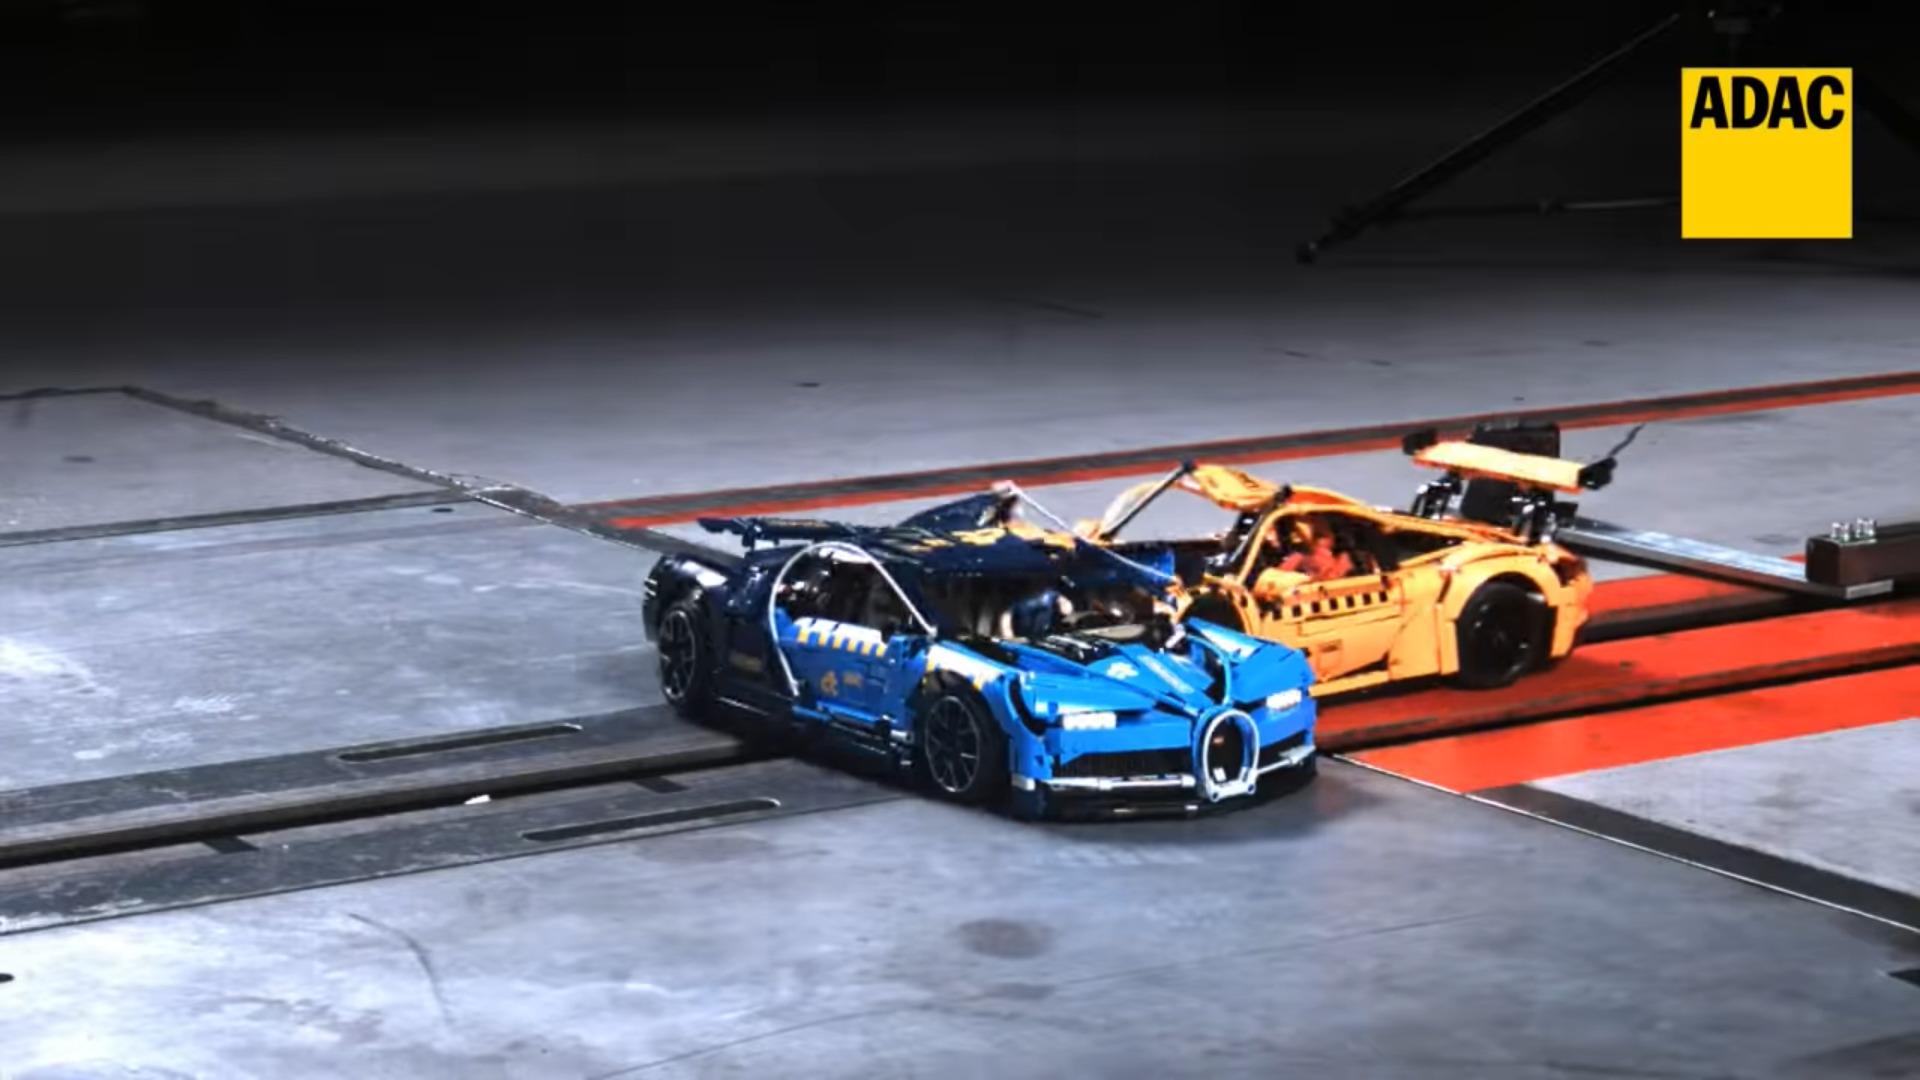 Valus kokkupõrke test Porsche 911 GT3 RS-i ja Bugatti Chironiga, kus tükke lendab kõvasti